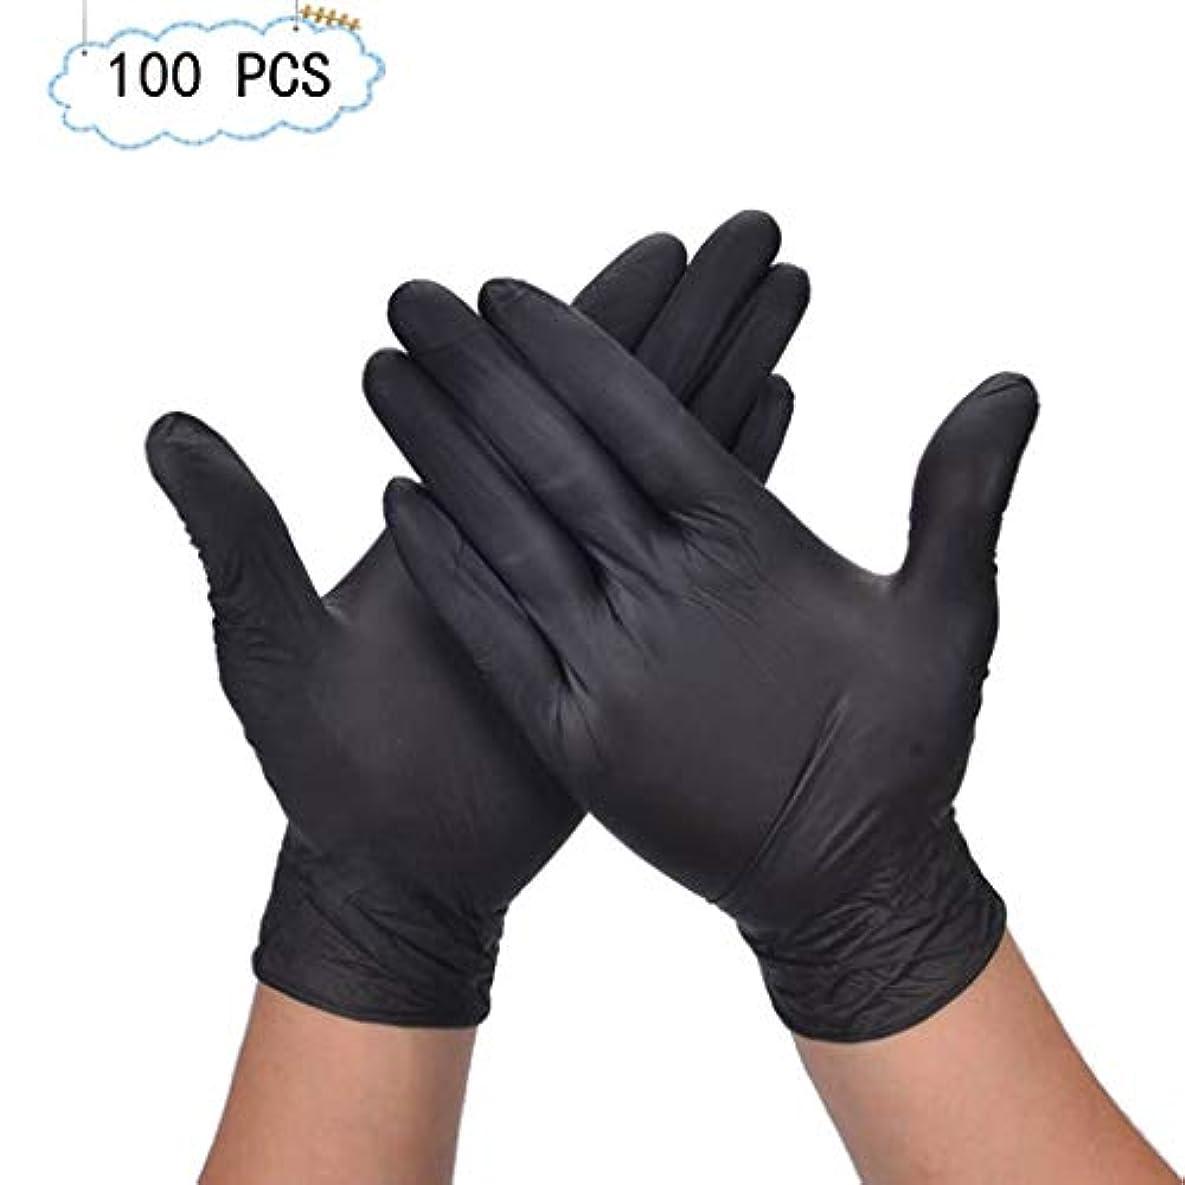 フロンティア控えめなポールニトリル滑り止め酸およびアルカリテスト産業用食品使い捨て手袋ペットケアネイルアート検査保護実験、美容院ラテックスフリー、パウダーフリー、両手利き、100個 (Color : Black, Size : XL)